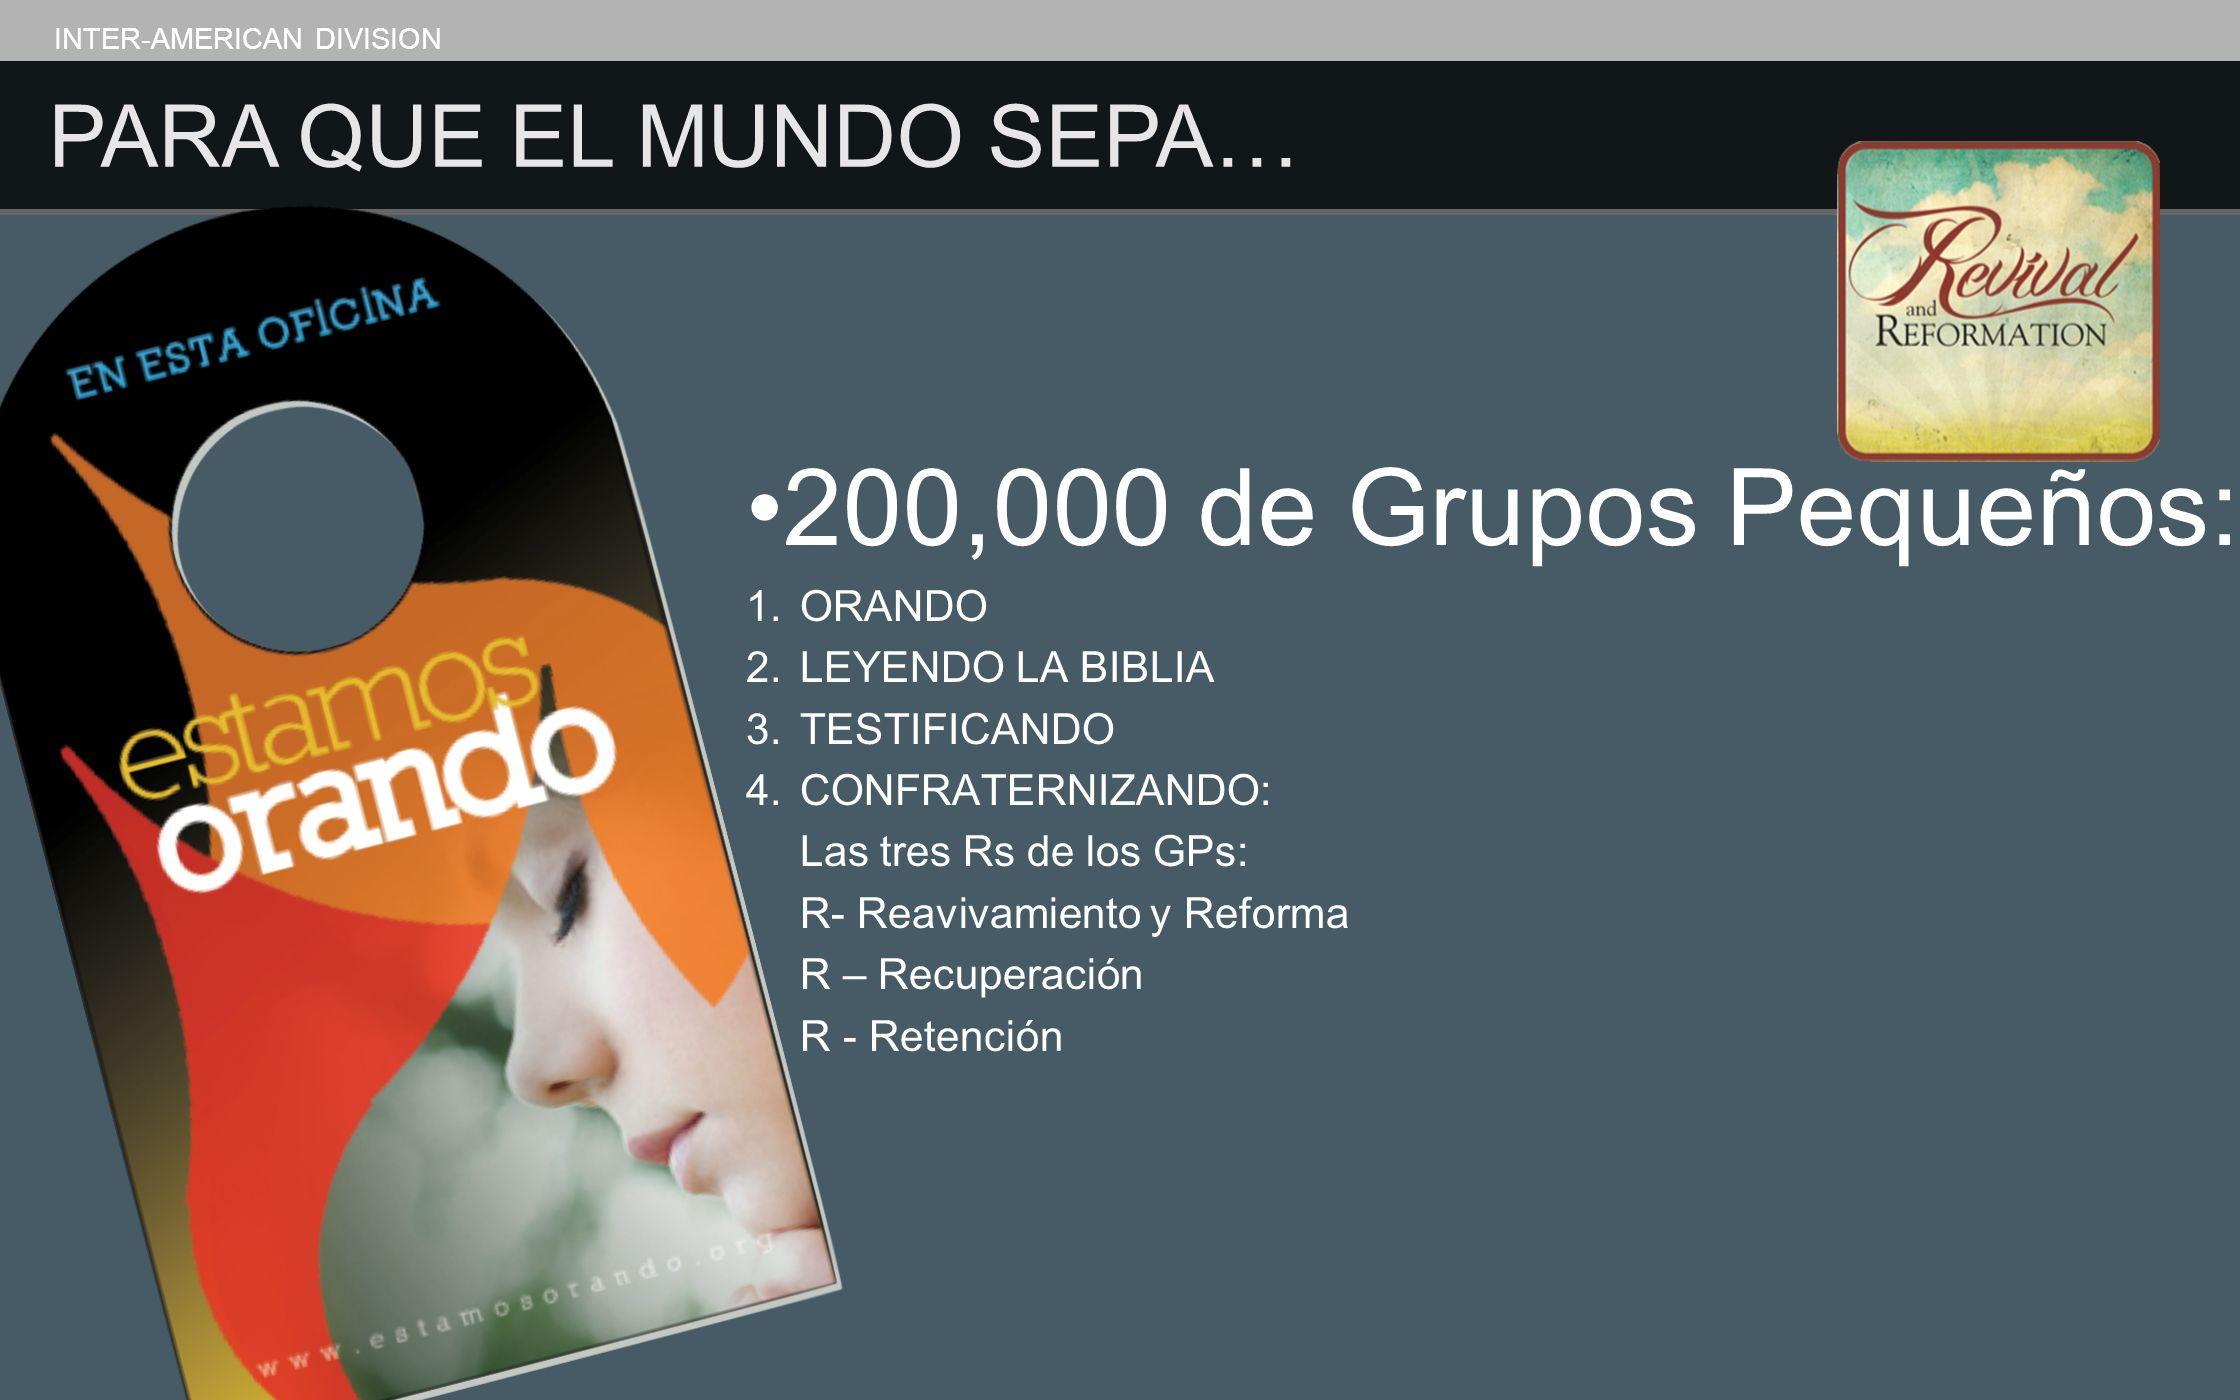 200,000 de Grupos Pequeños: PARA QUE EL MUNDO SEPA… ORANDO